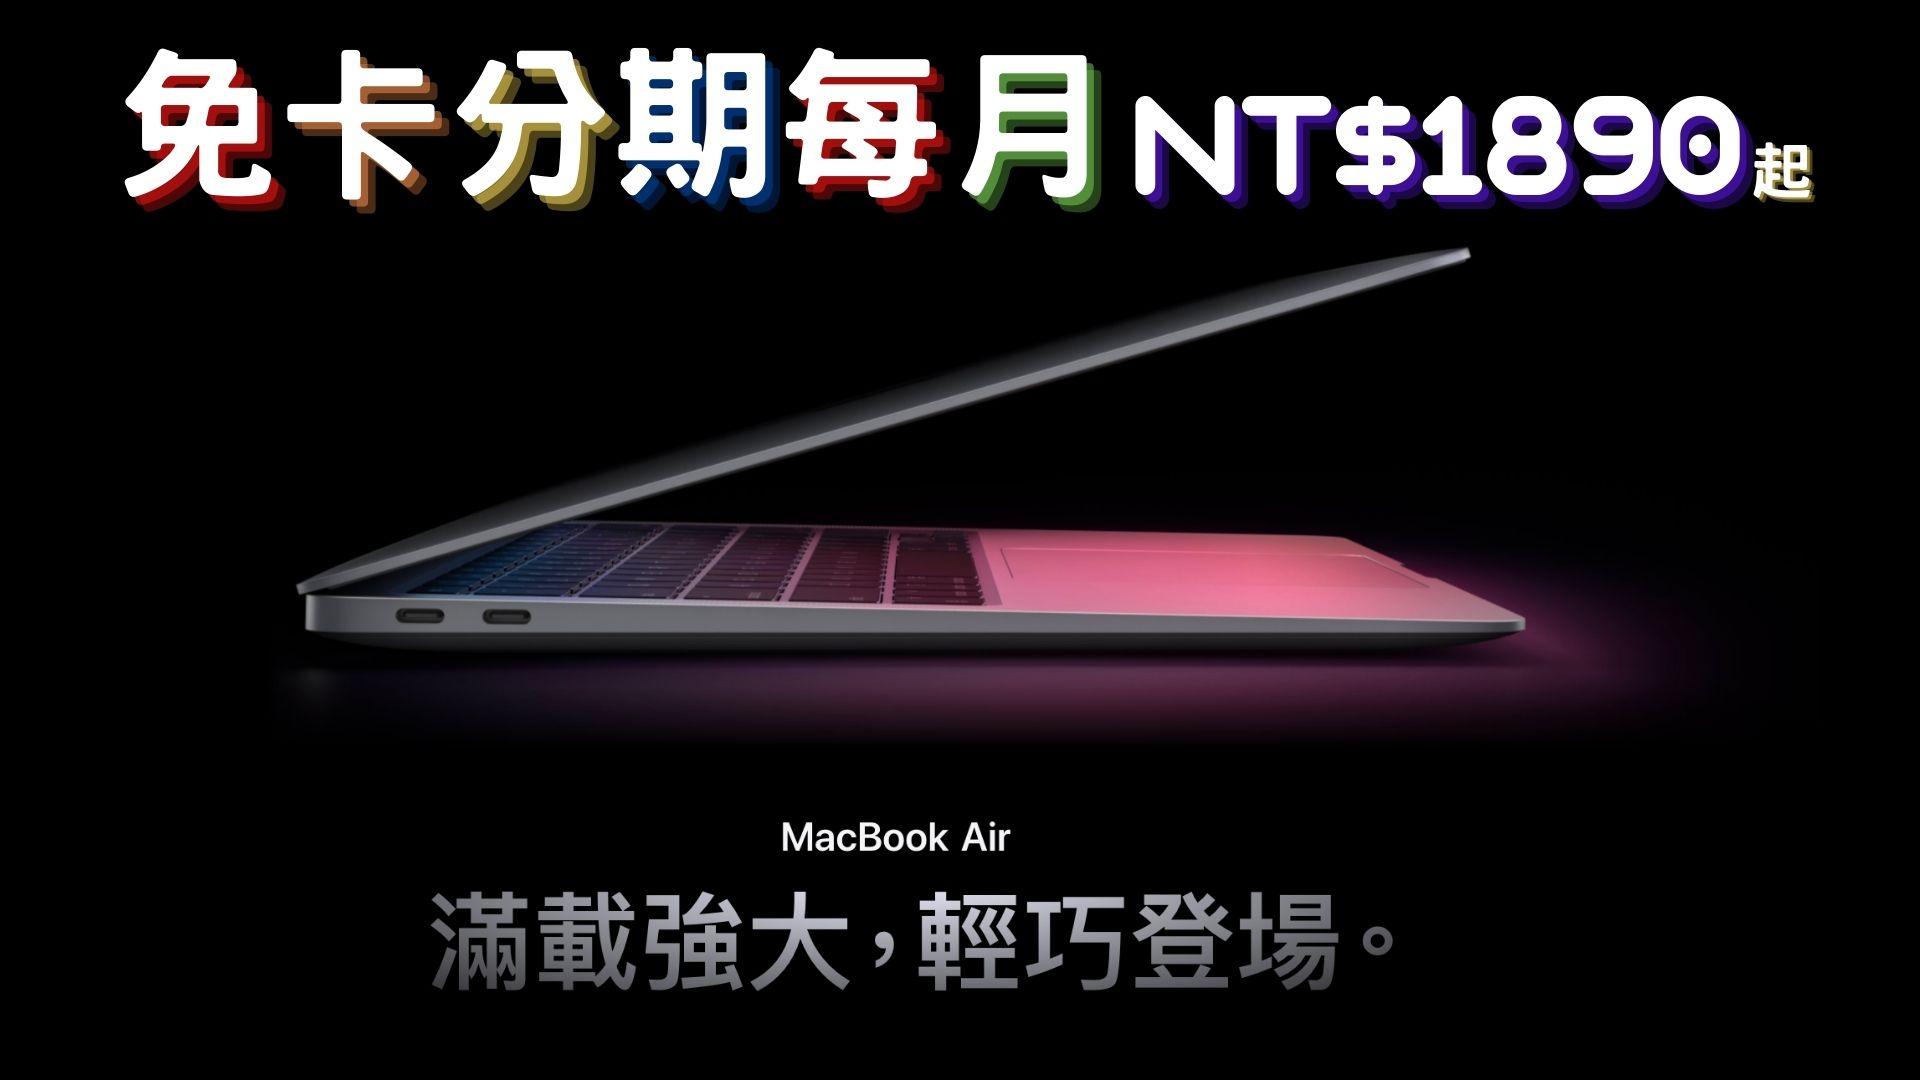 macbook air 免卡分期